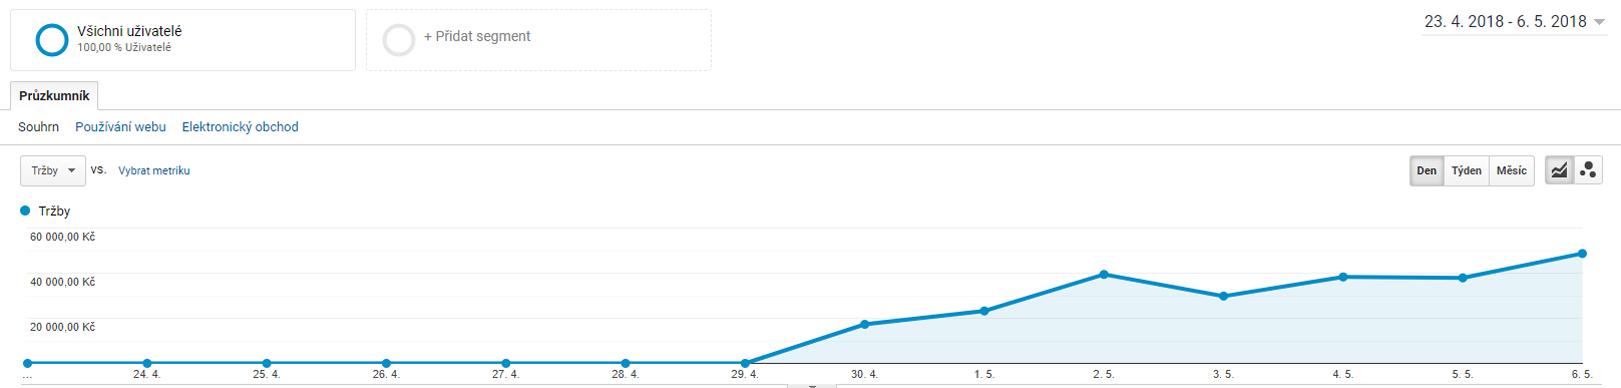 Obrázek 2 - Měření konverzí v Google Analytics se zavedlo až kvůli prodeji